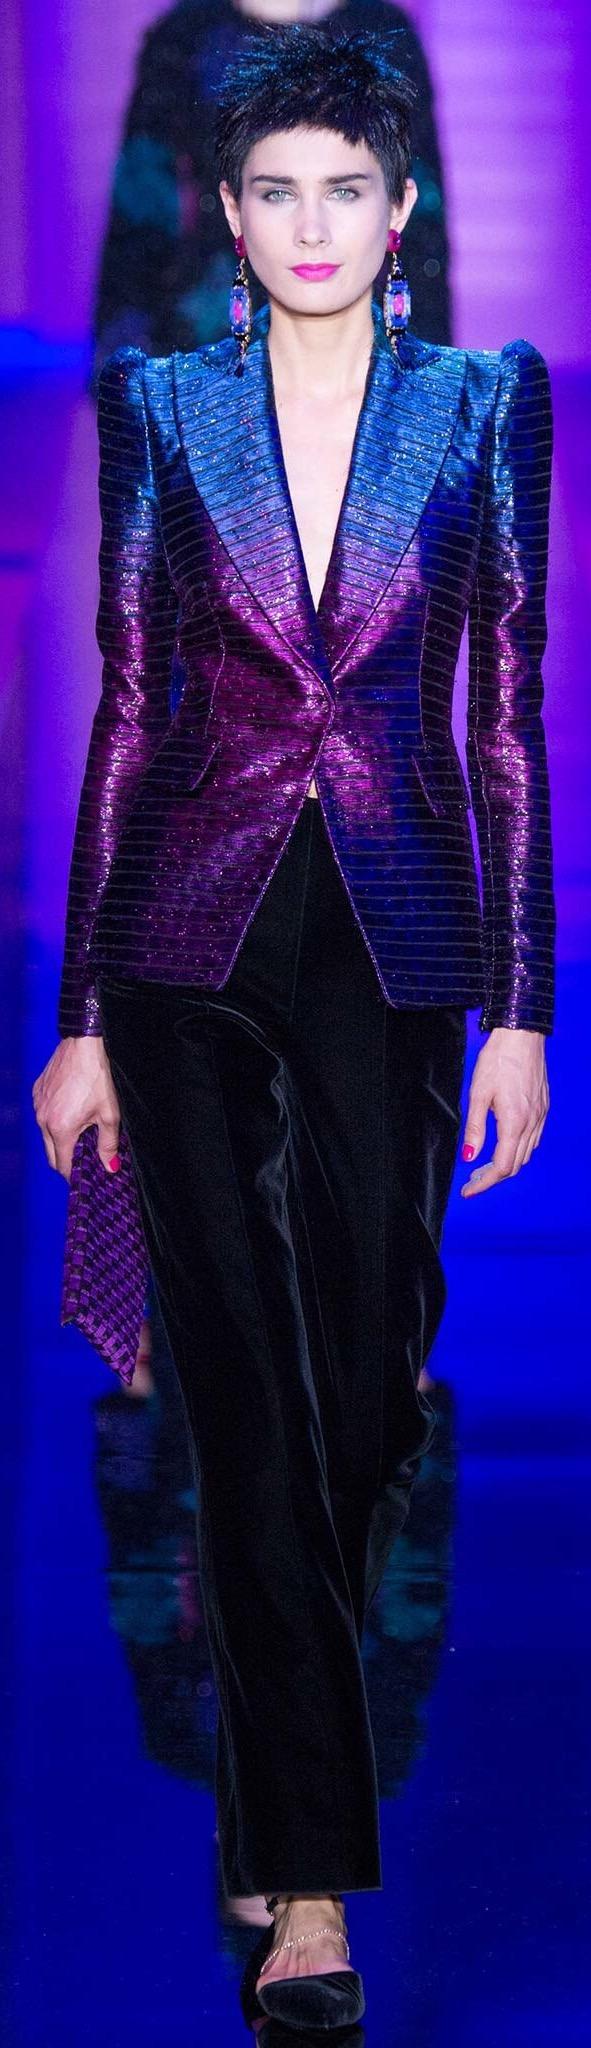 Armani Privé, fall 2015 Couture